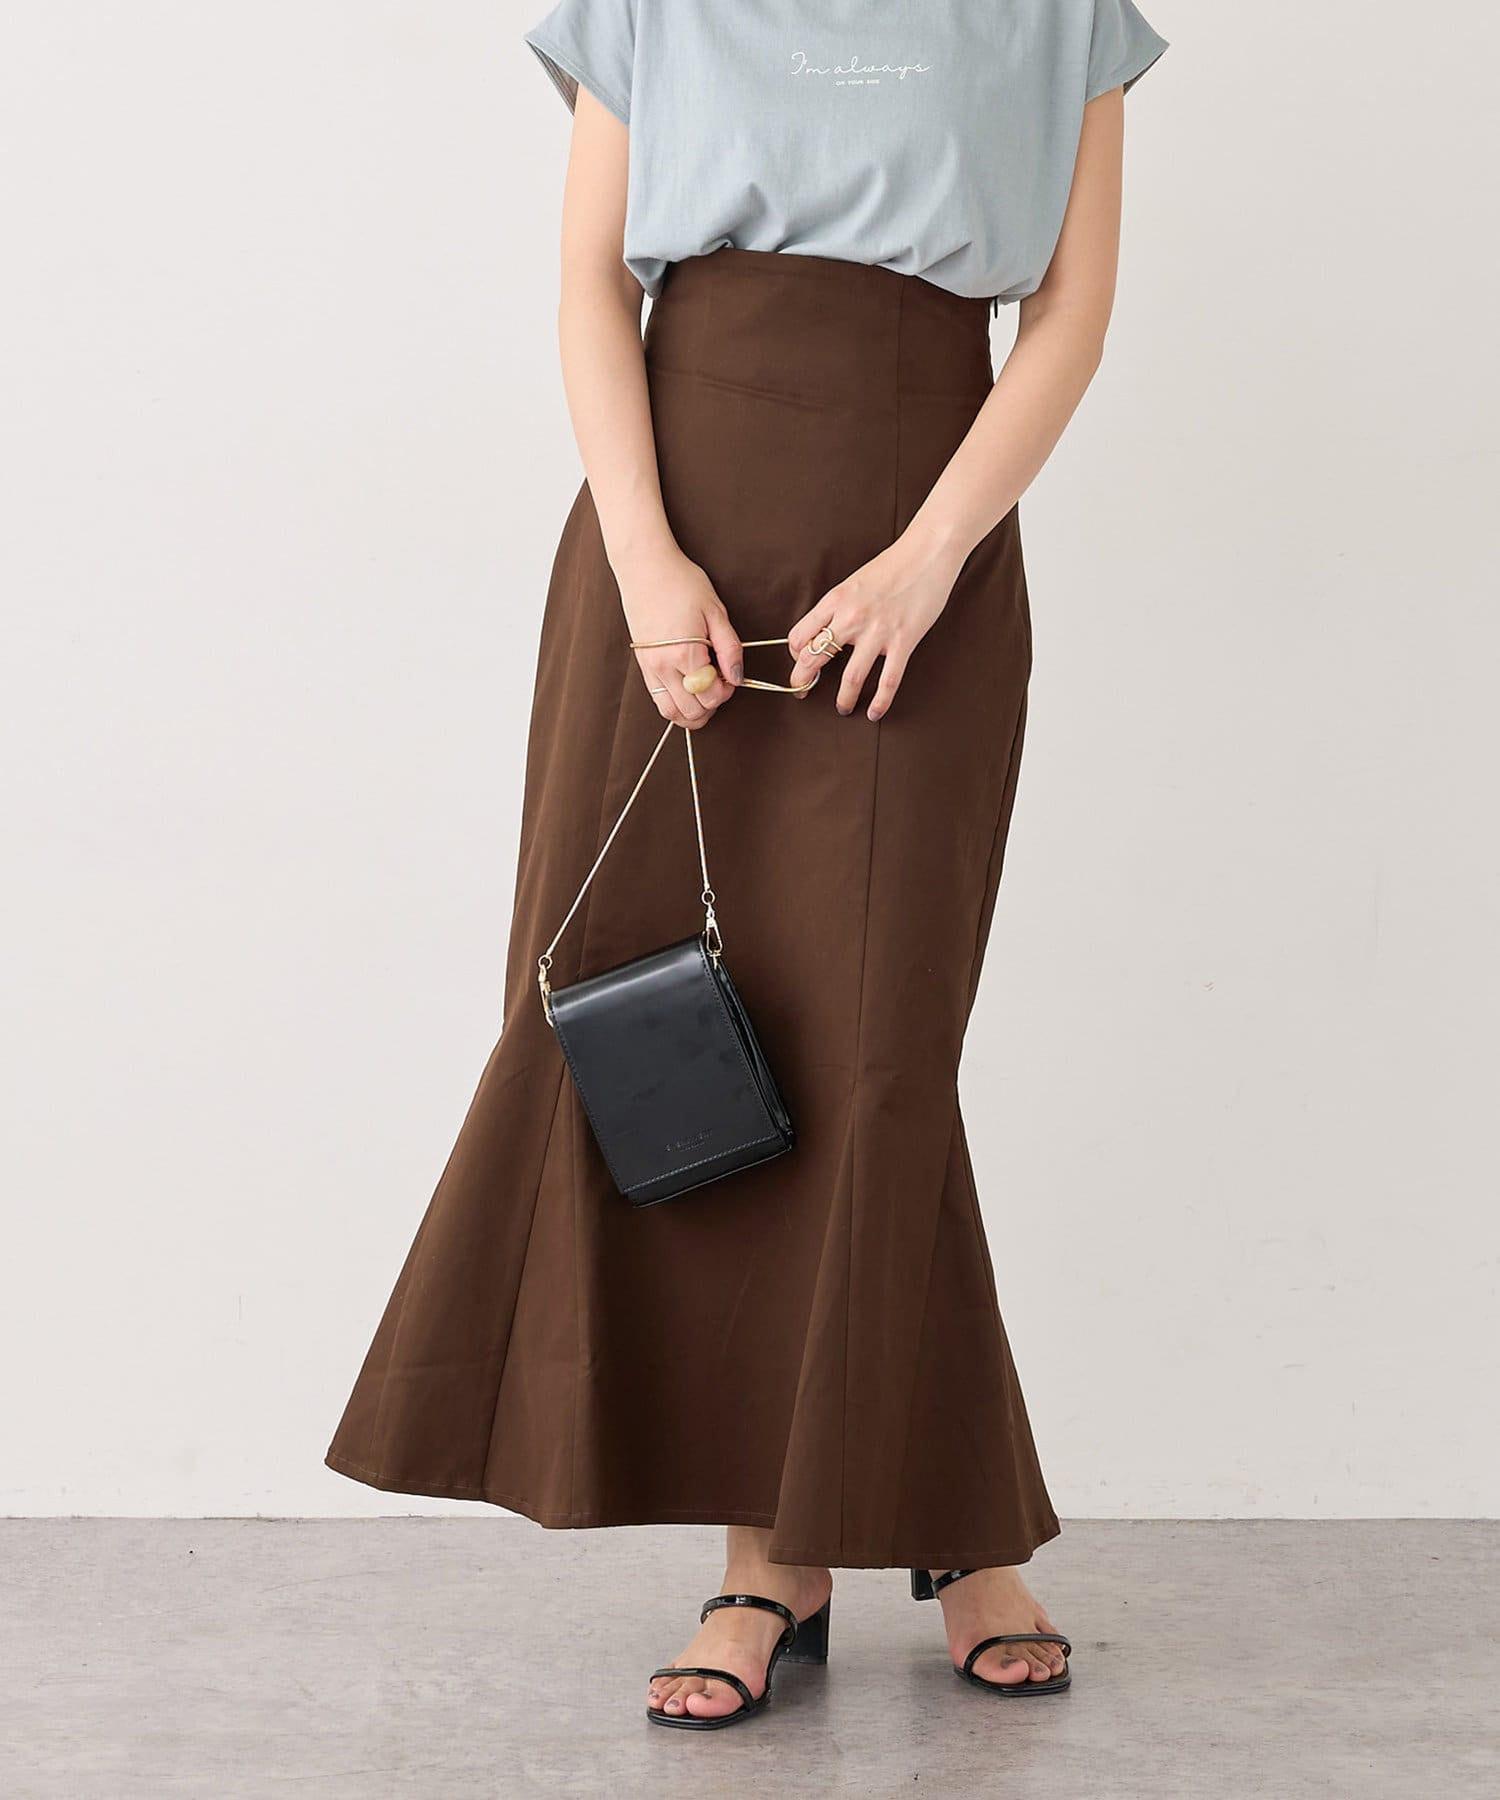 natural couture(ナチュラルクチュール) 【WEB限定】ハイウエストマーメイドスカートSサイズ